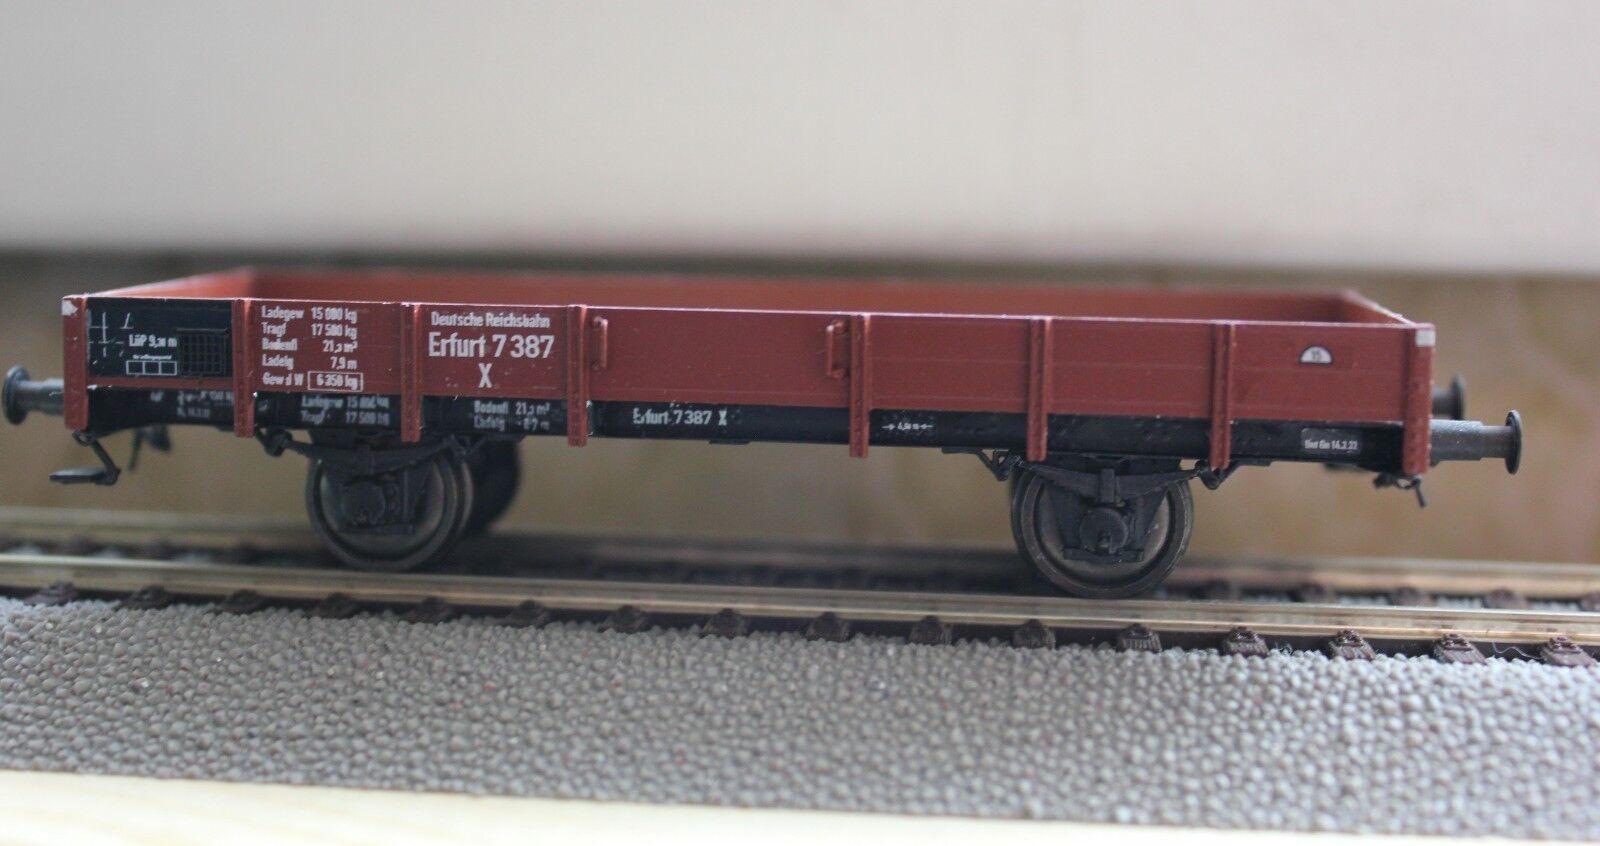 Modelo terminado vagones abiertos de tipo aprobado X Erfurt